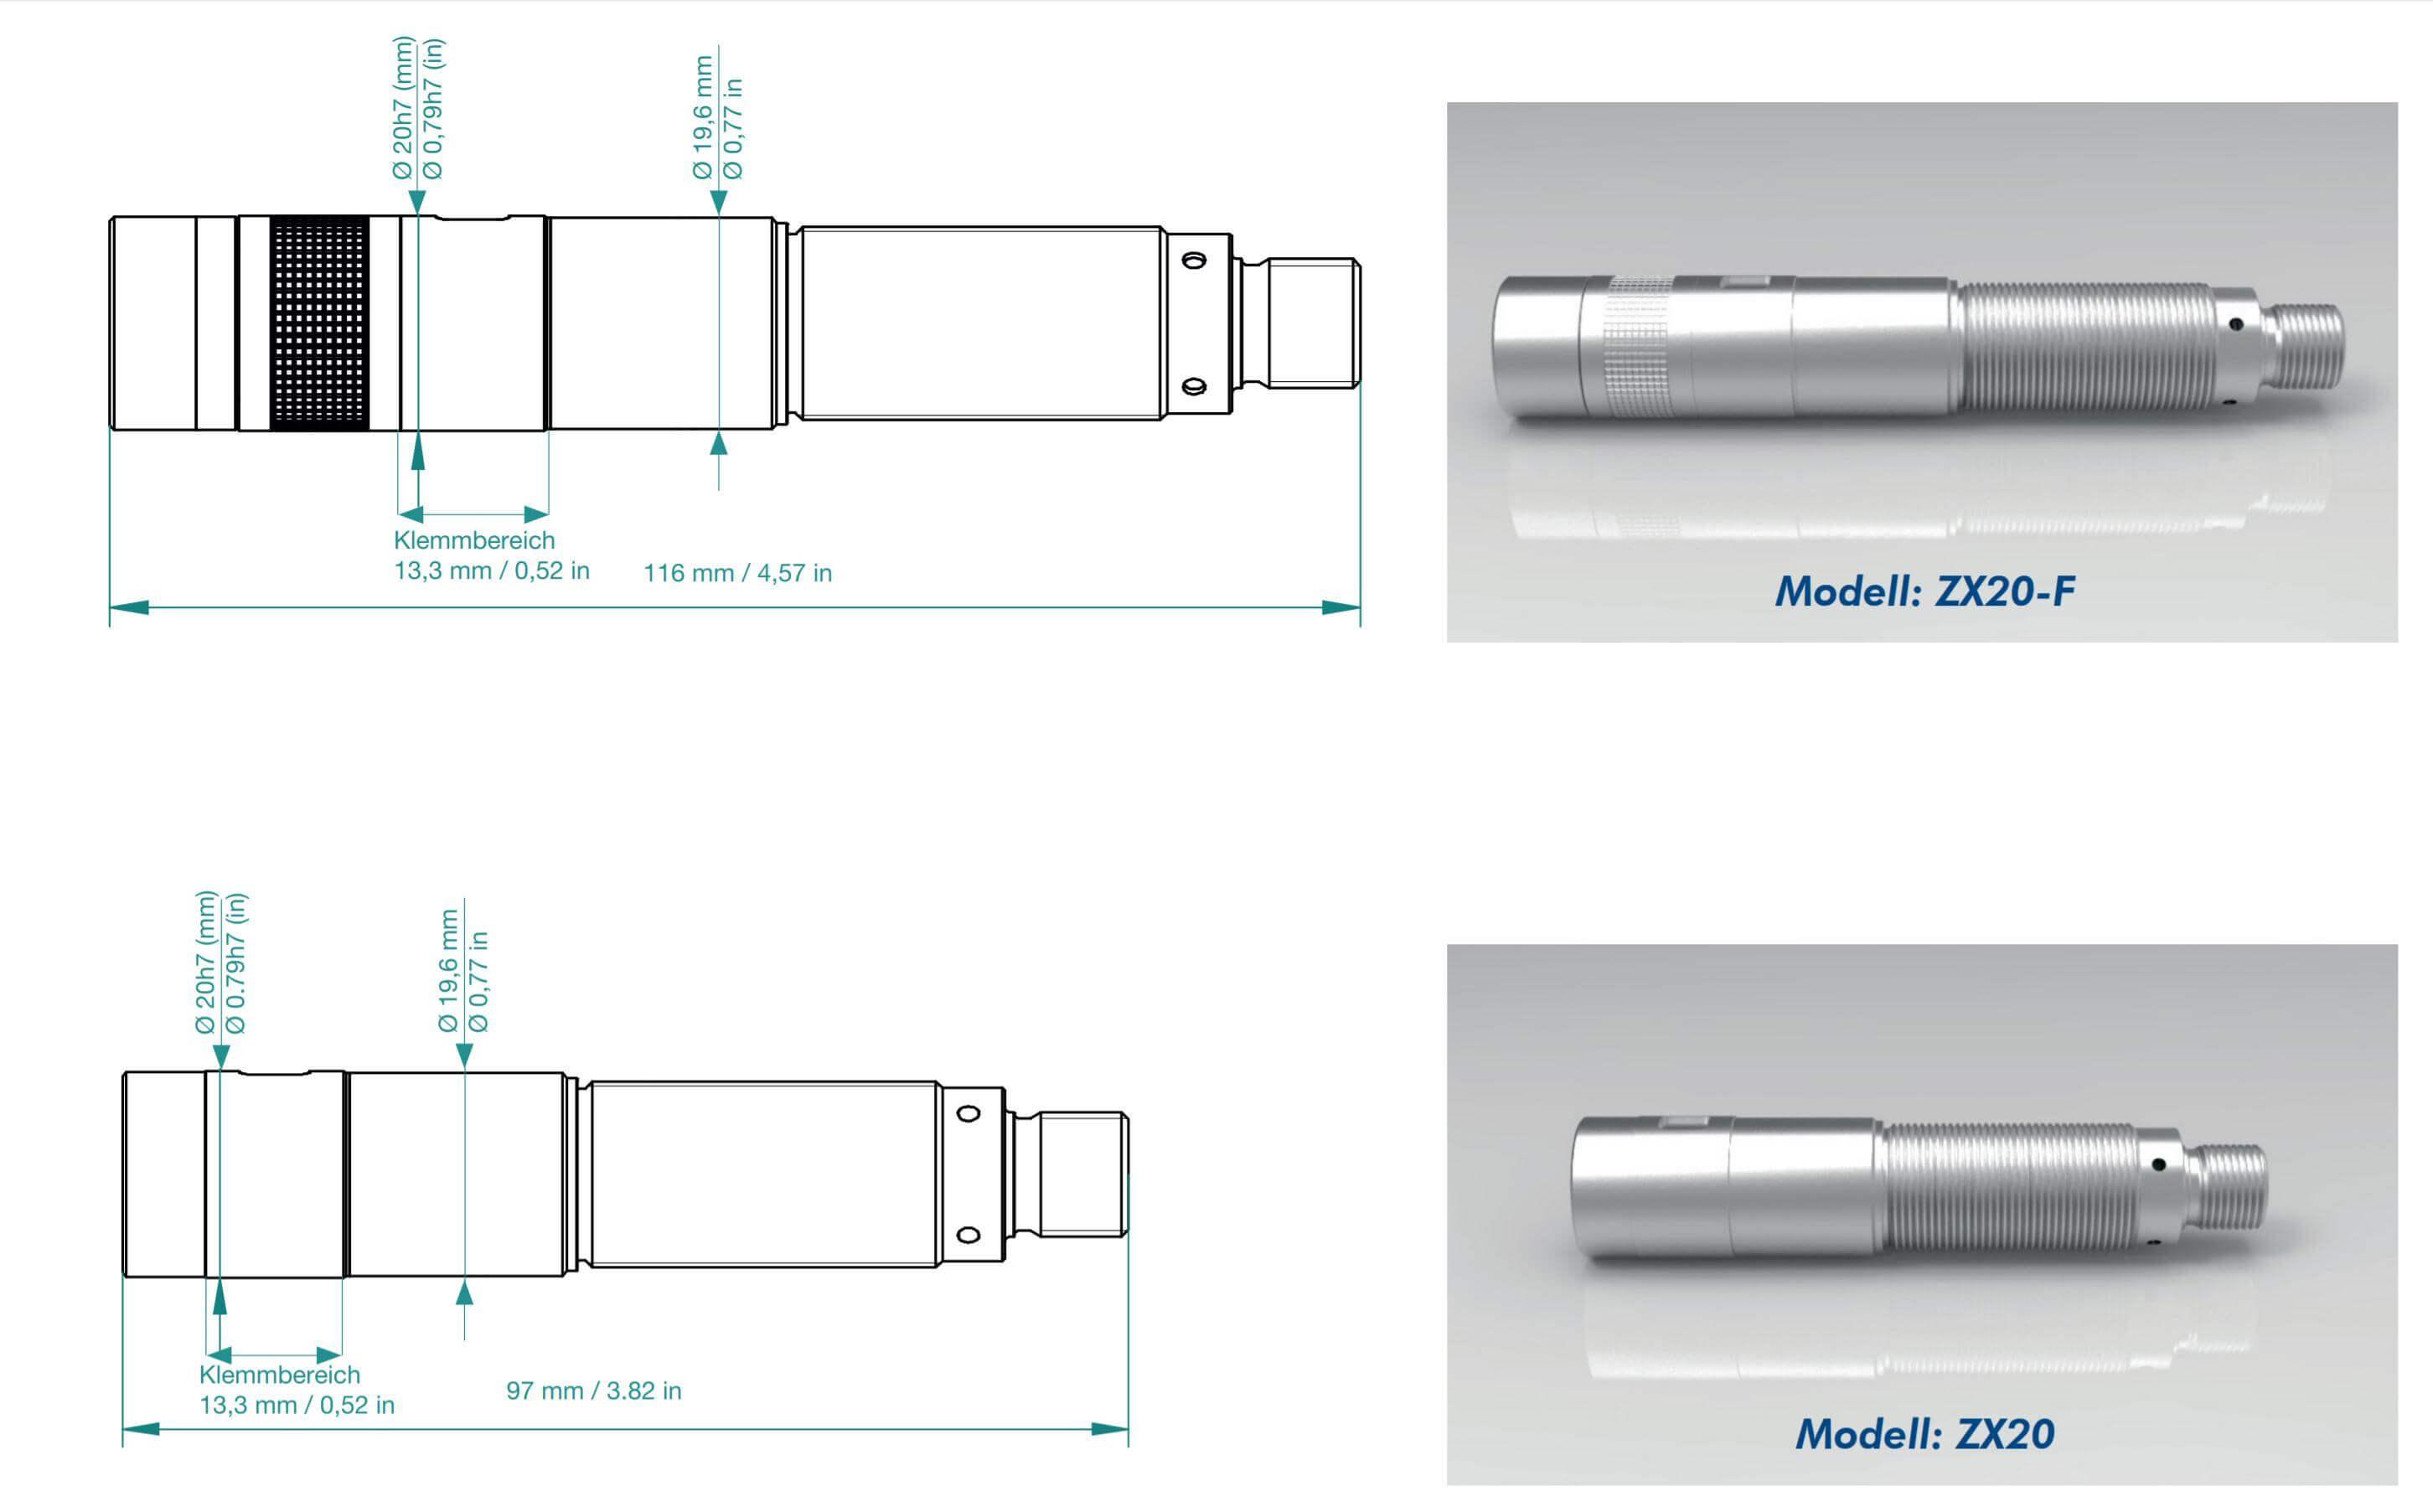 High End Laser Module Zx20 Z Laser Optoelektronik Gmbh